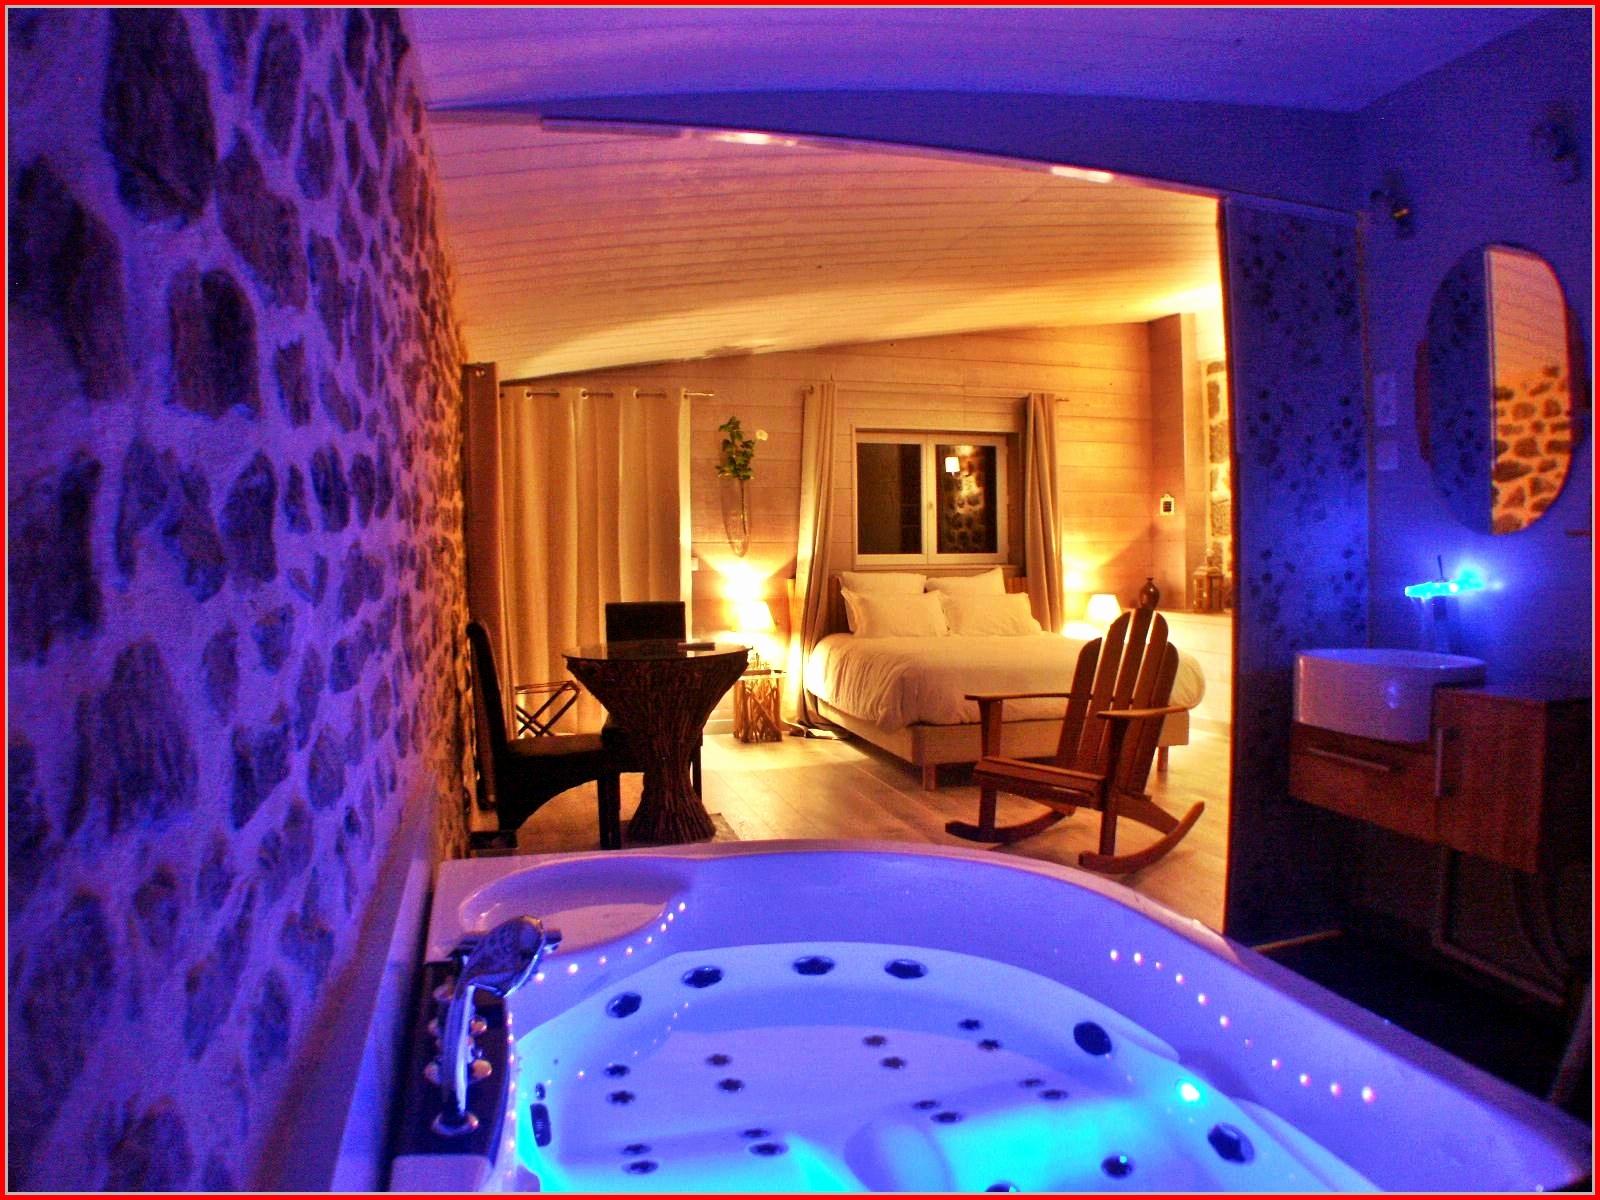 Hotel Avec Jacuzzi Dans La Chambre Ile De France Meilleur serapportantà Hotel Avec Jacuzzi Dans La Chambre Paca